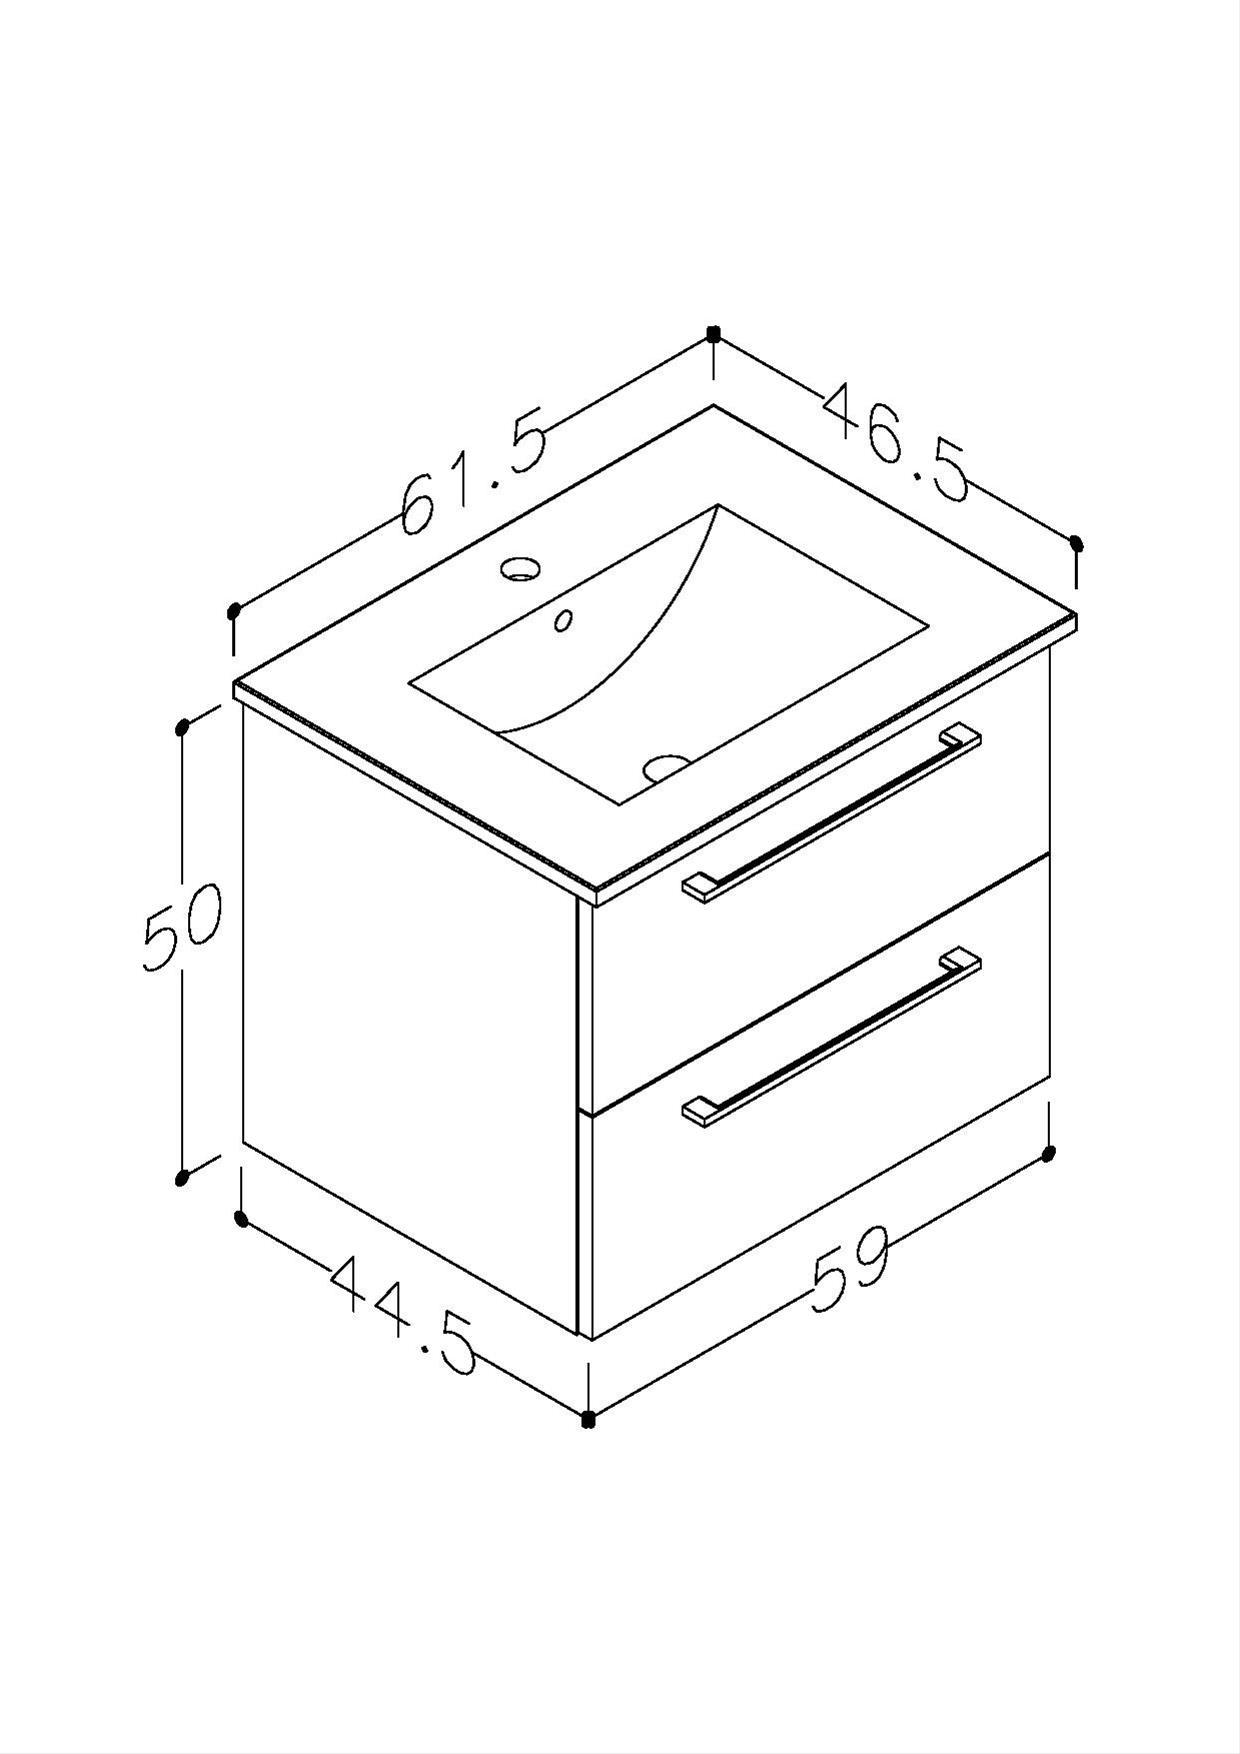 Bad Waschtischunterschrank mit Keramik-Waschtisch Allegro 61 Grau glänzend Bild 2